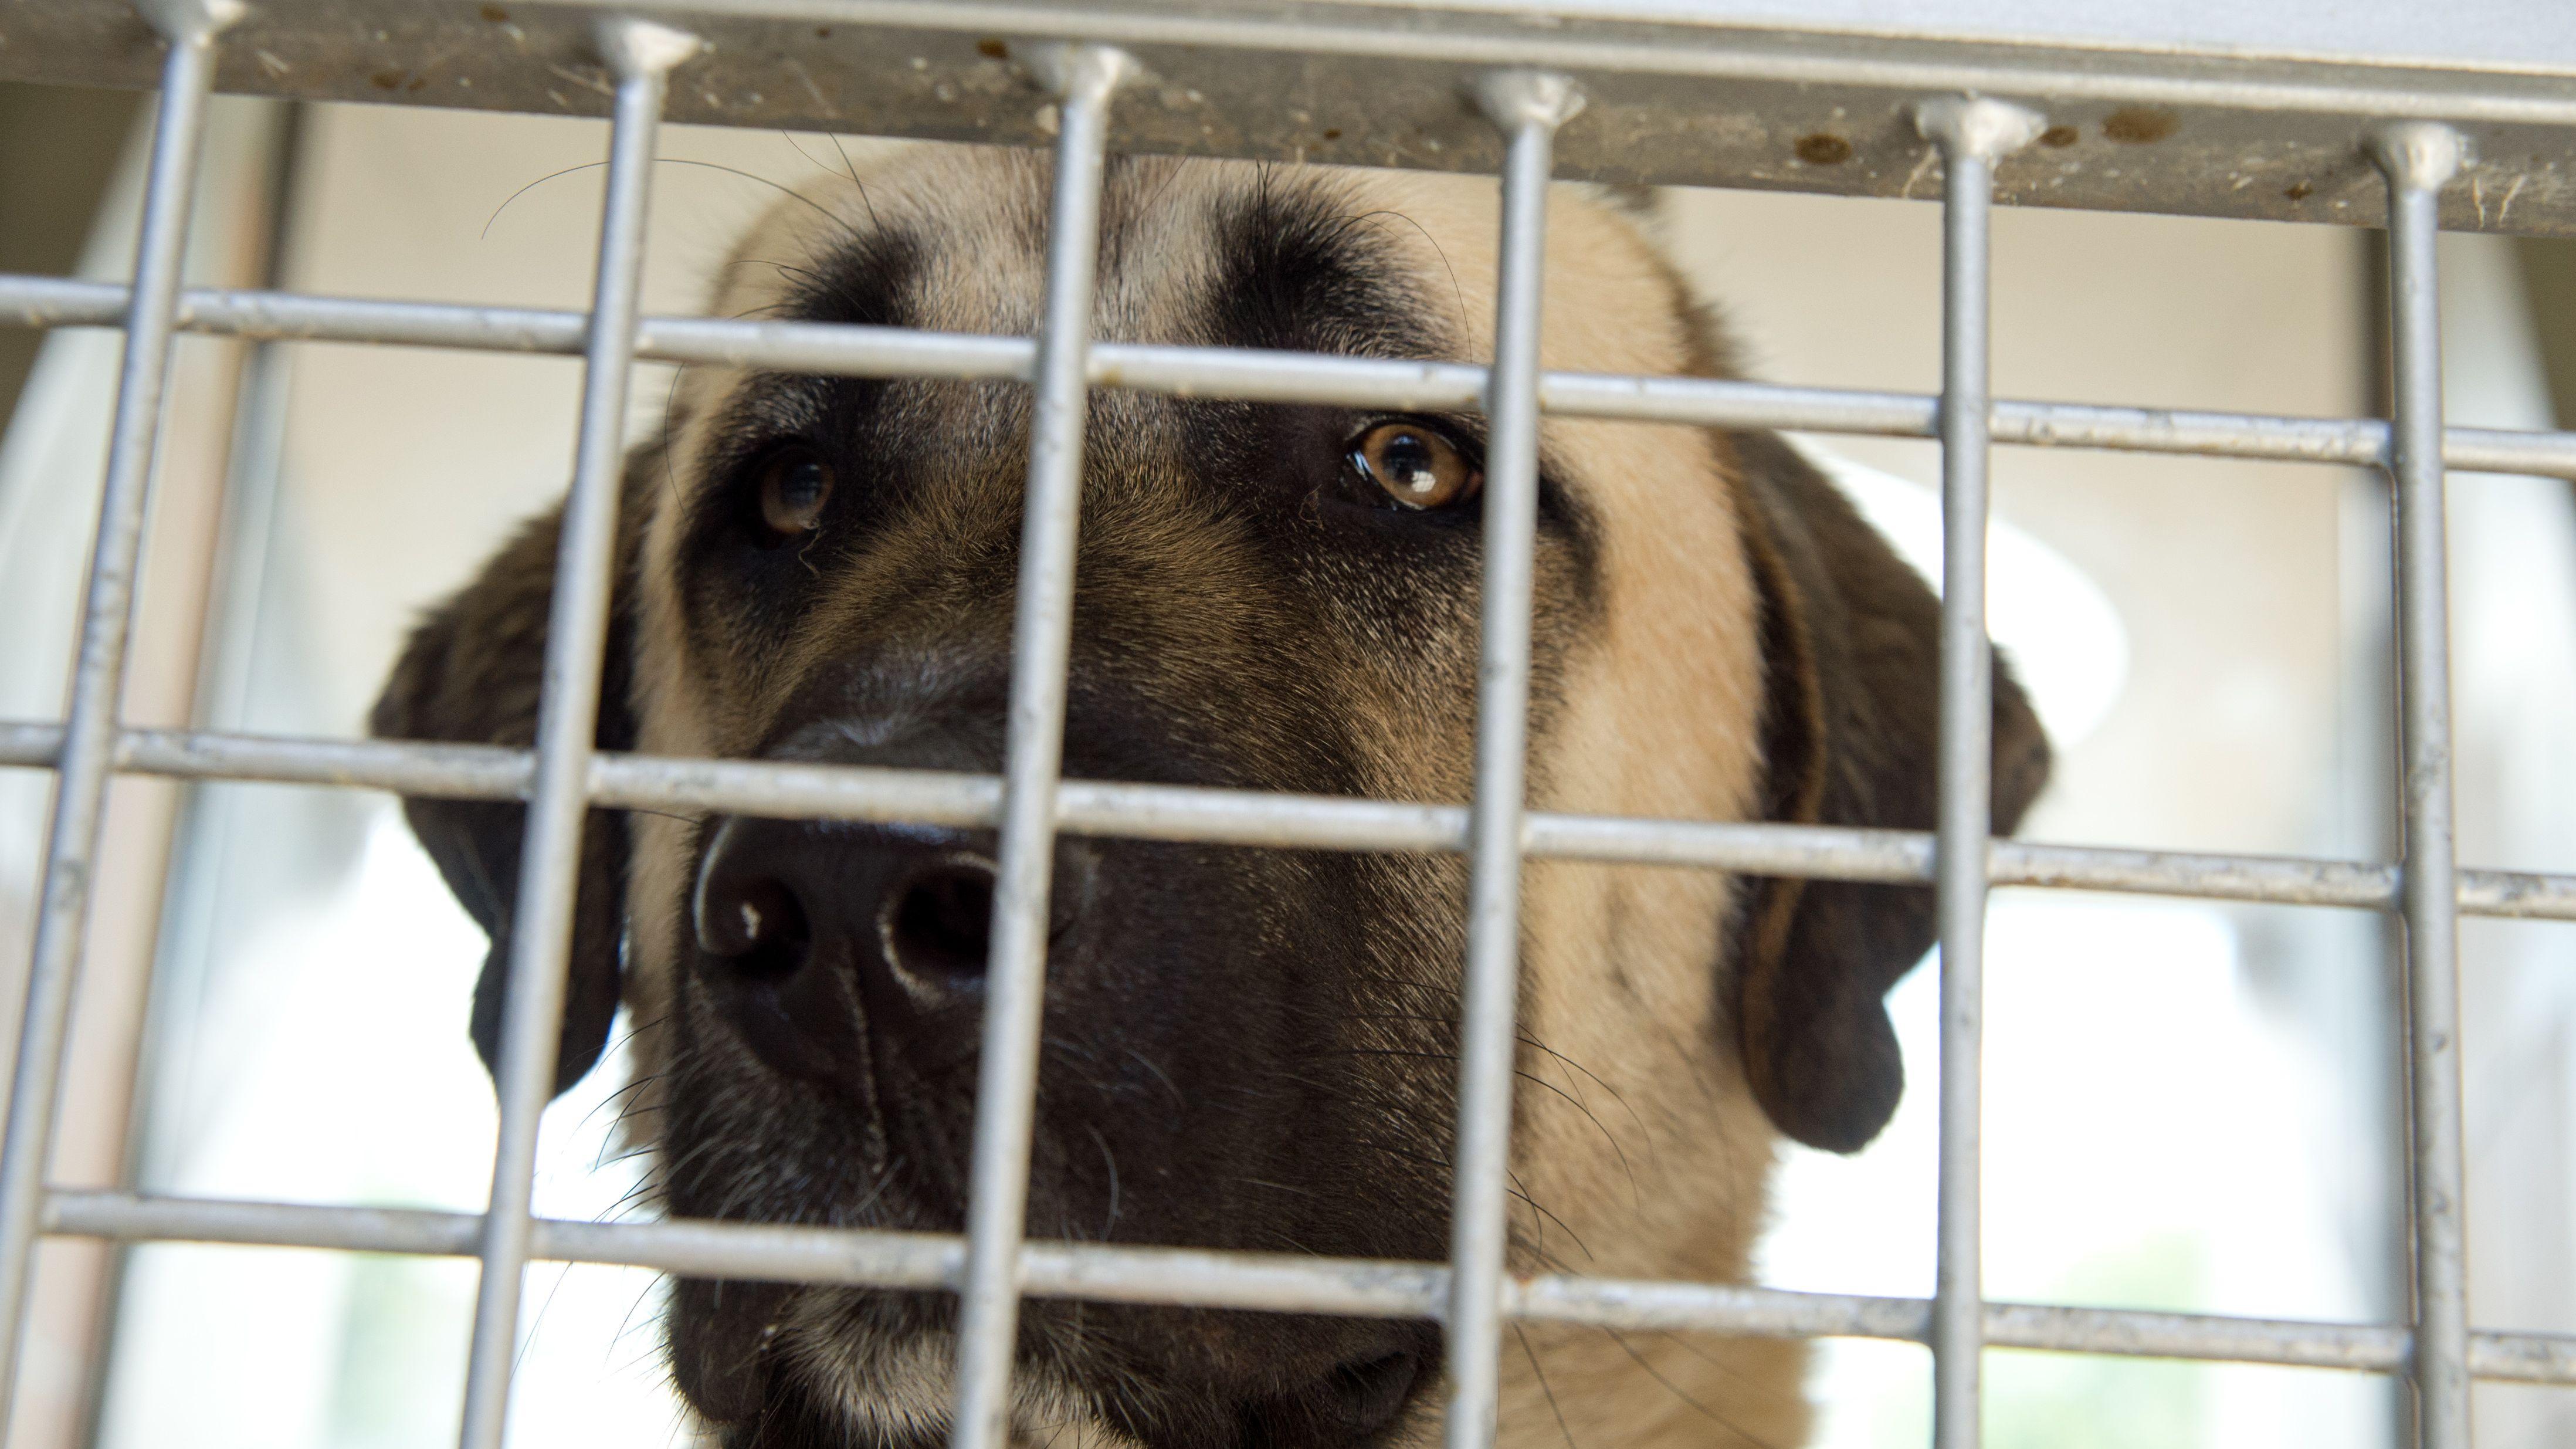 Der Mann soll in Tschechien sogenannte Kangal-Hirtenhunde gezüchtet haben. (Symbolbild). Ihm wird Tierquälerei vorgeworfen